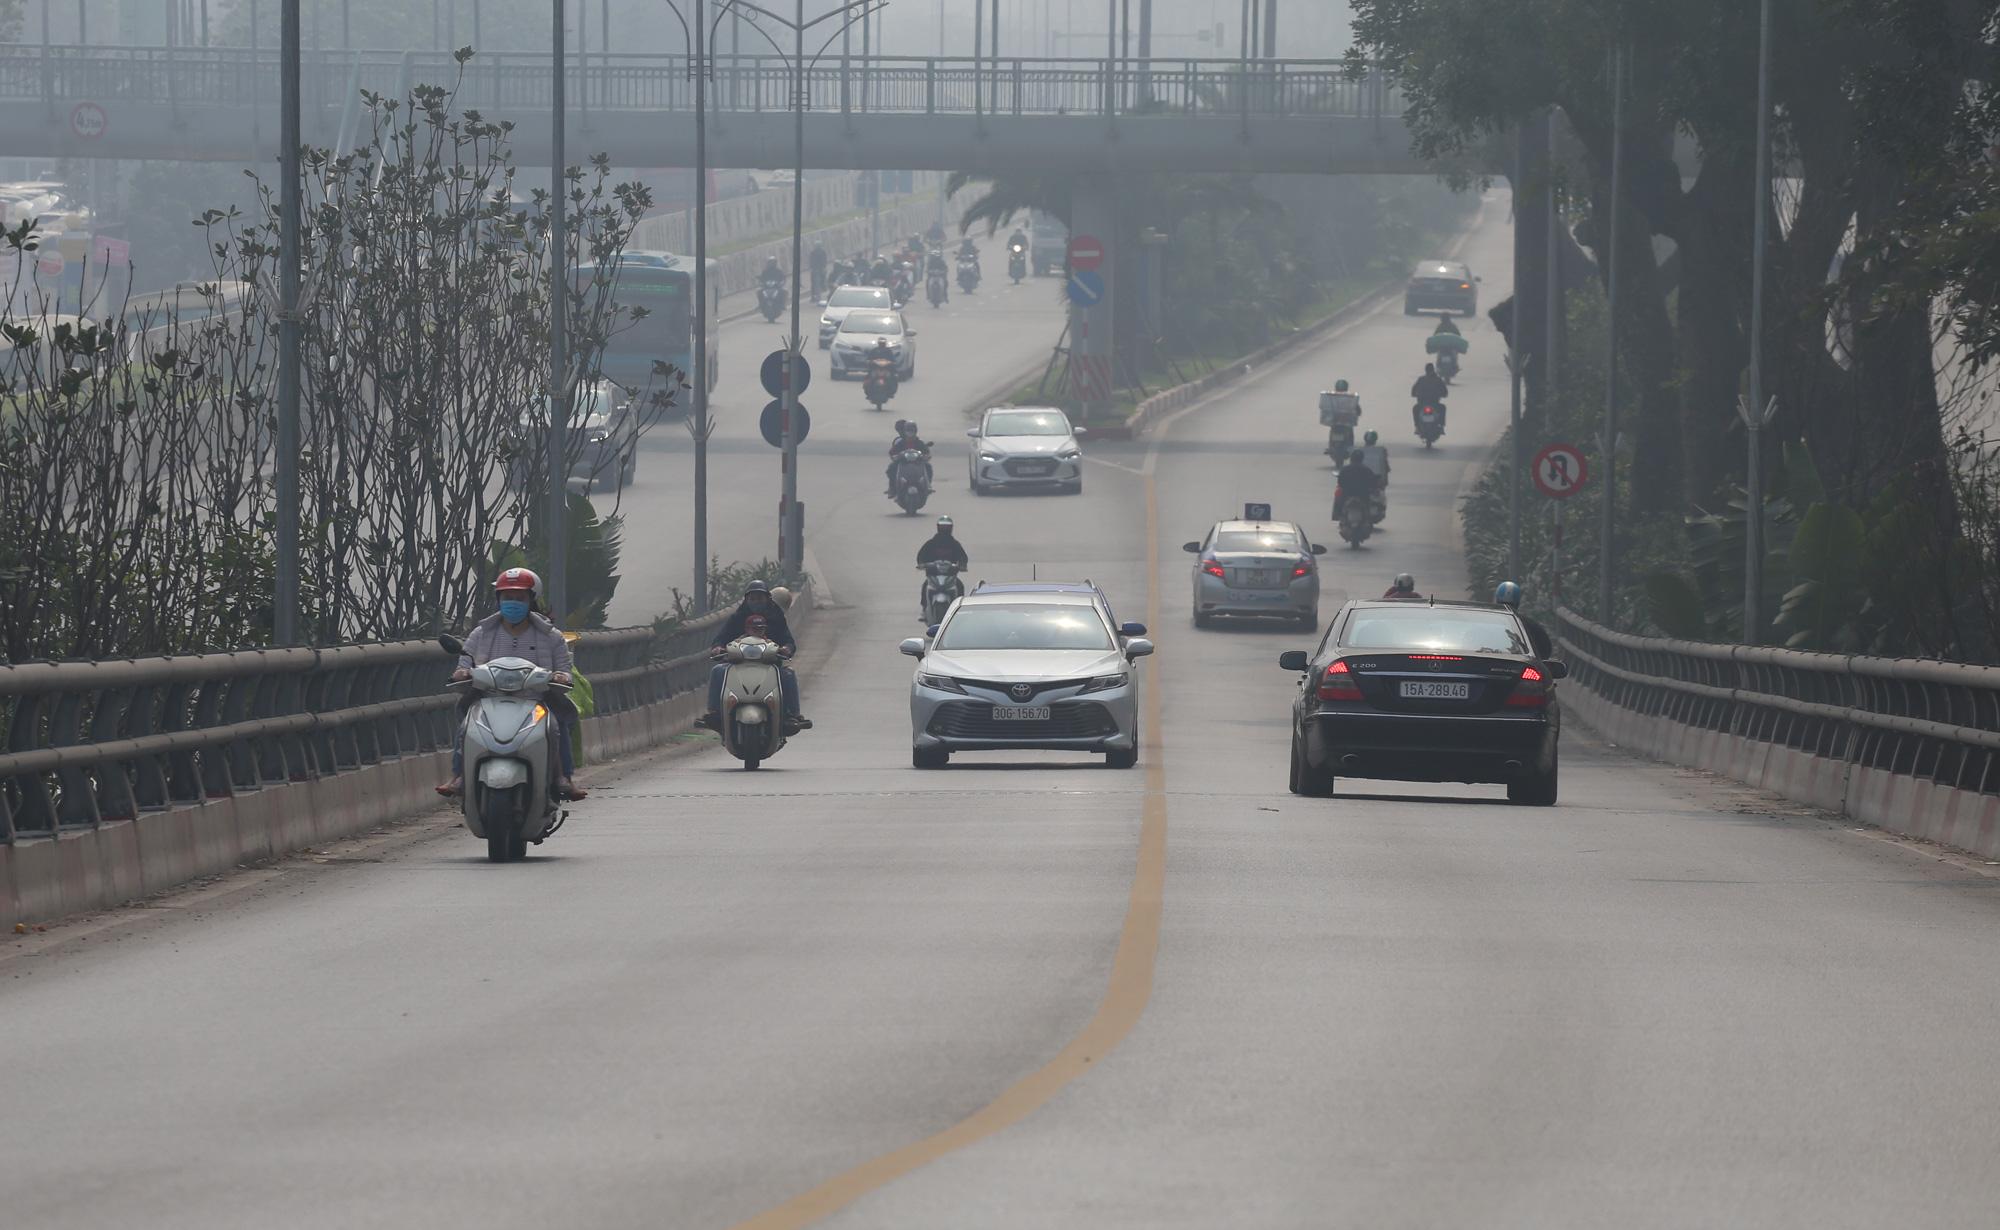 Hà Nội ô nhiễm không khí ở mức cảnh báo tím từ sáng đến chiều - Ảnh 10.